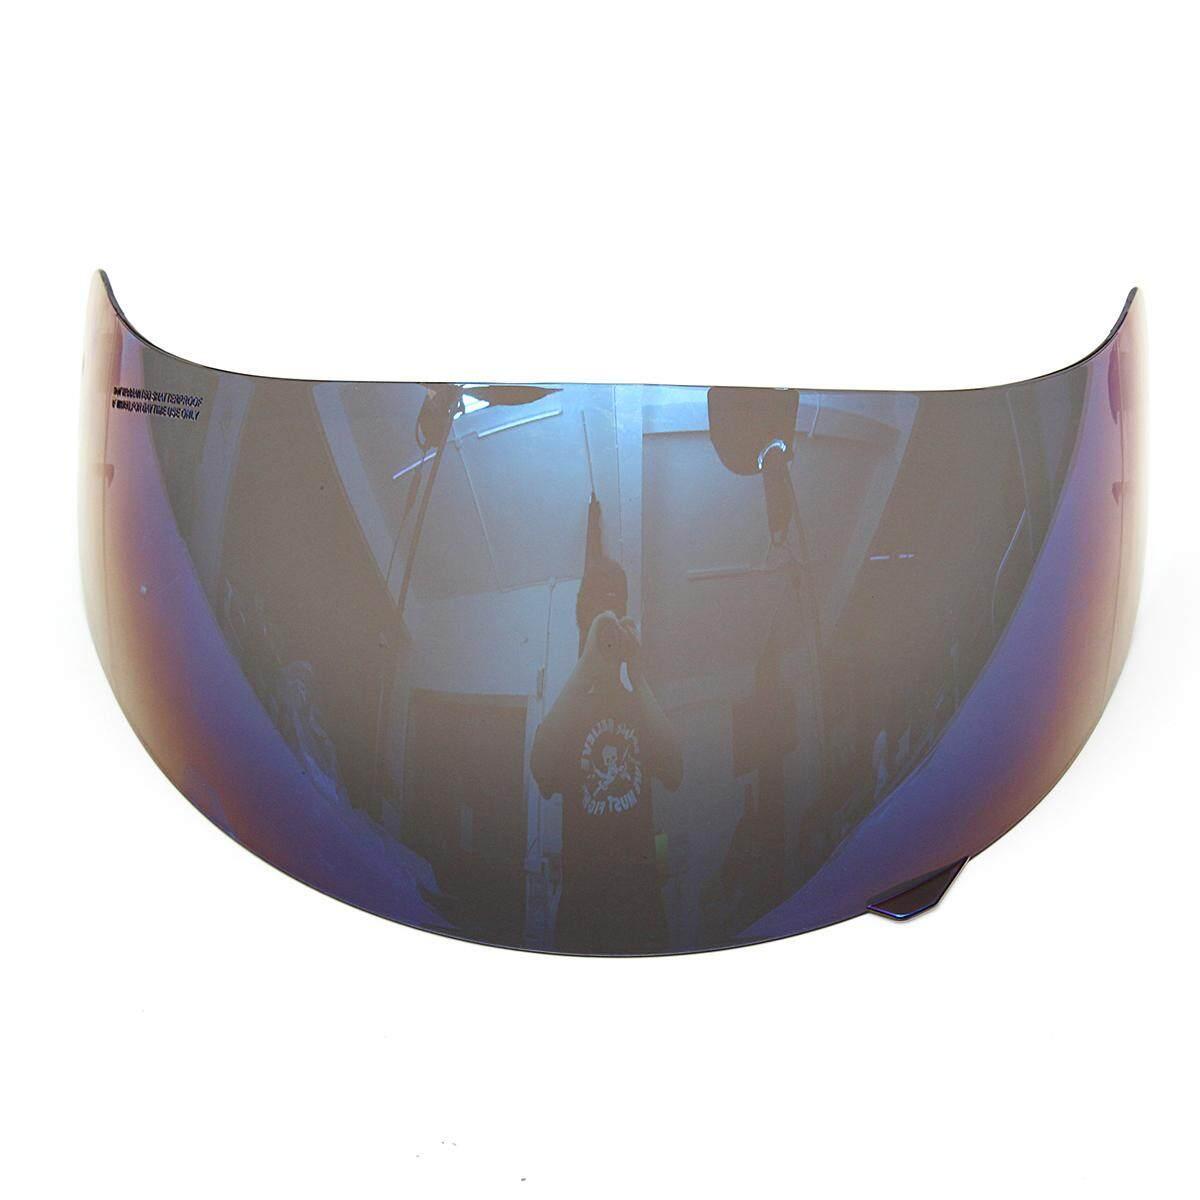 Full Face Motorcycle Helmet Visor for AGV K3/K4 Motocross Helmets Lens Shield